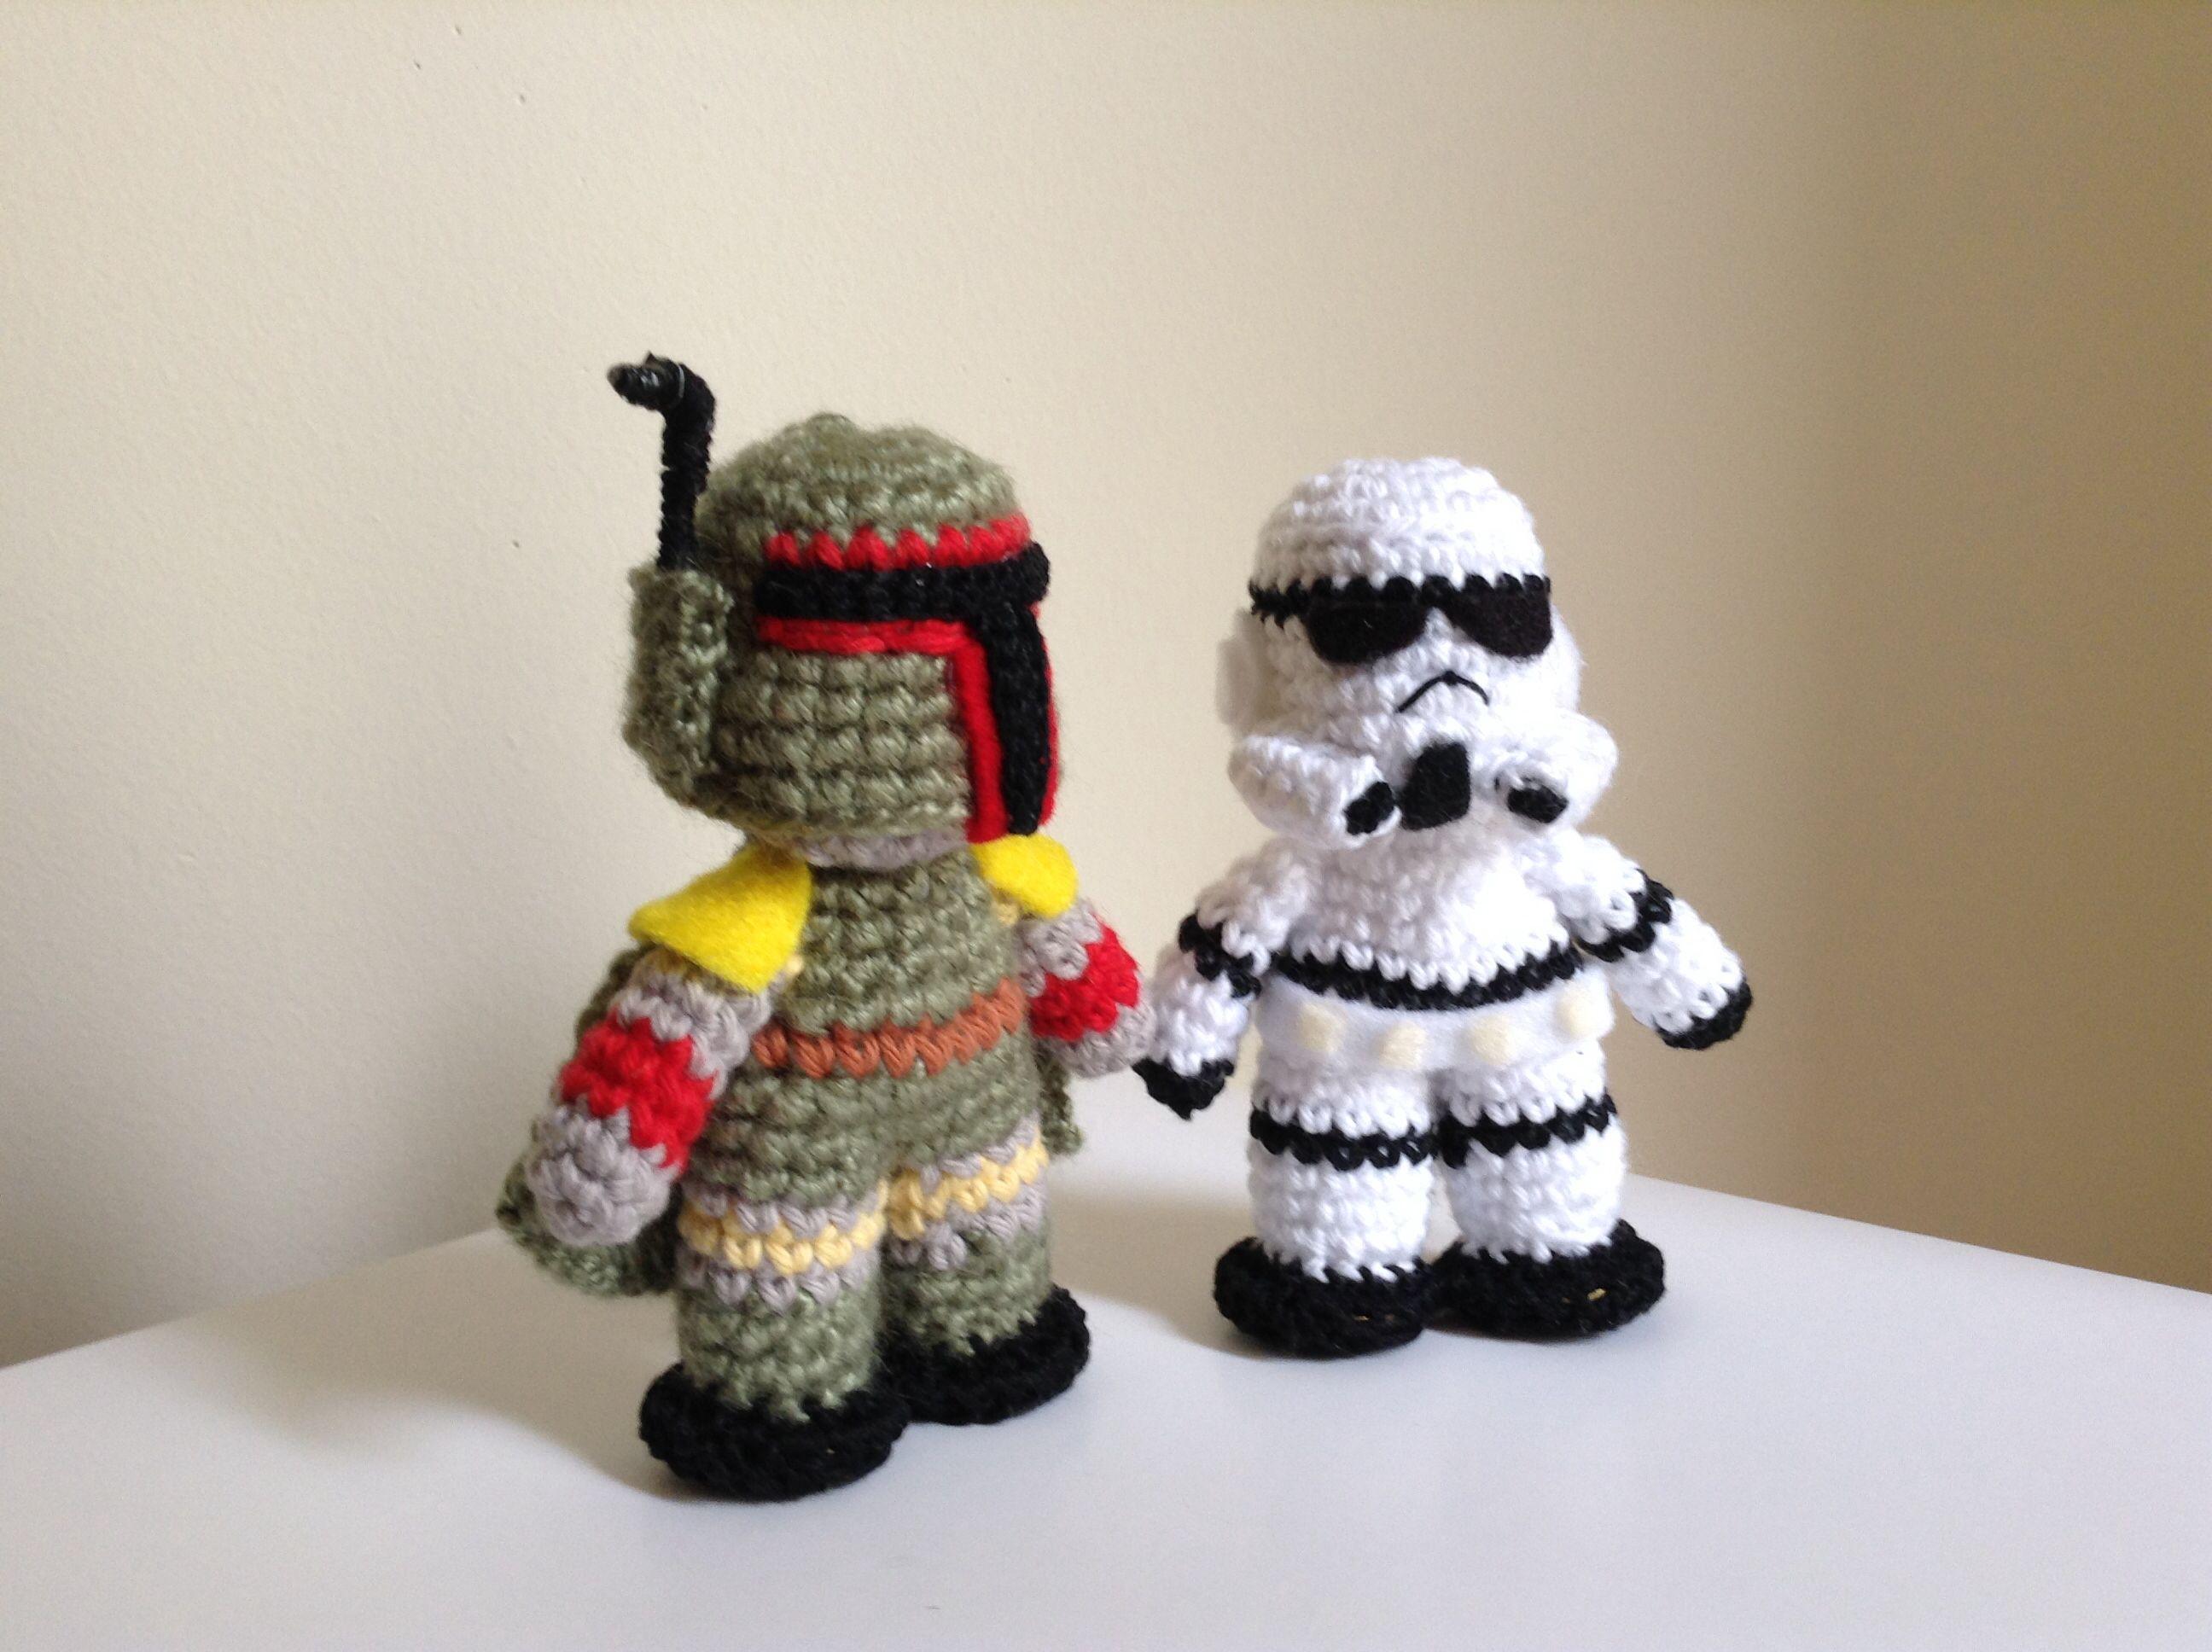 Boba Fett and Storm Trooper amigurumi | Crochet | Pinterest ...